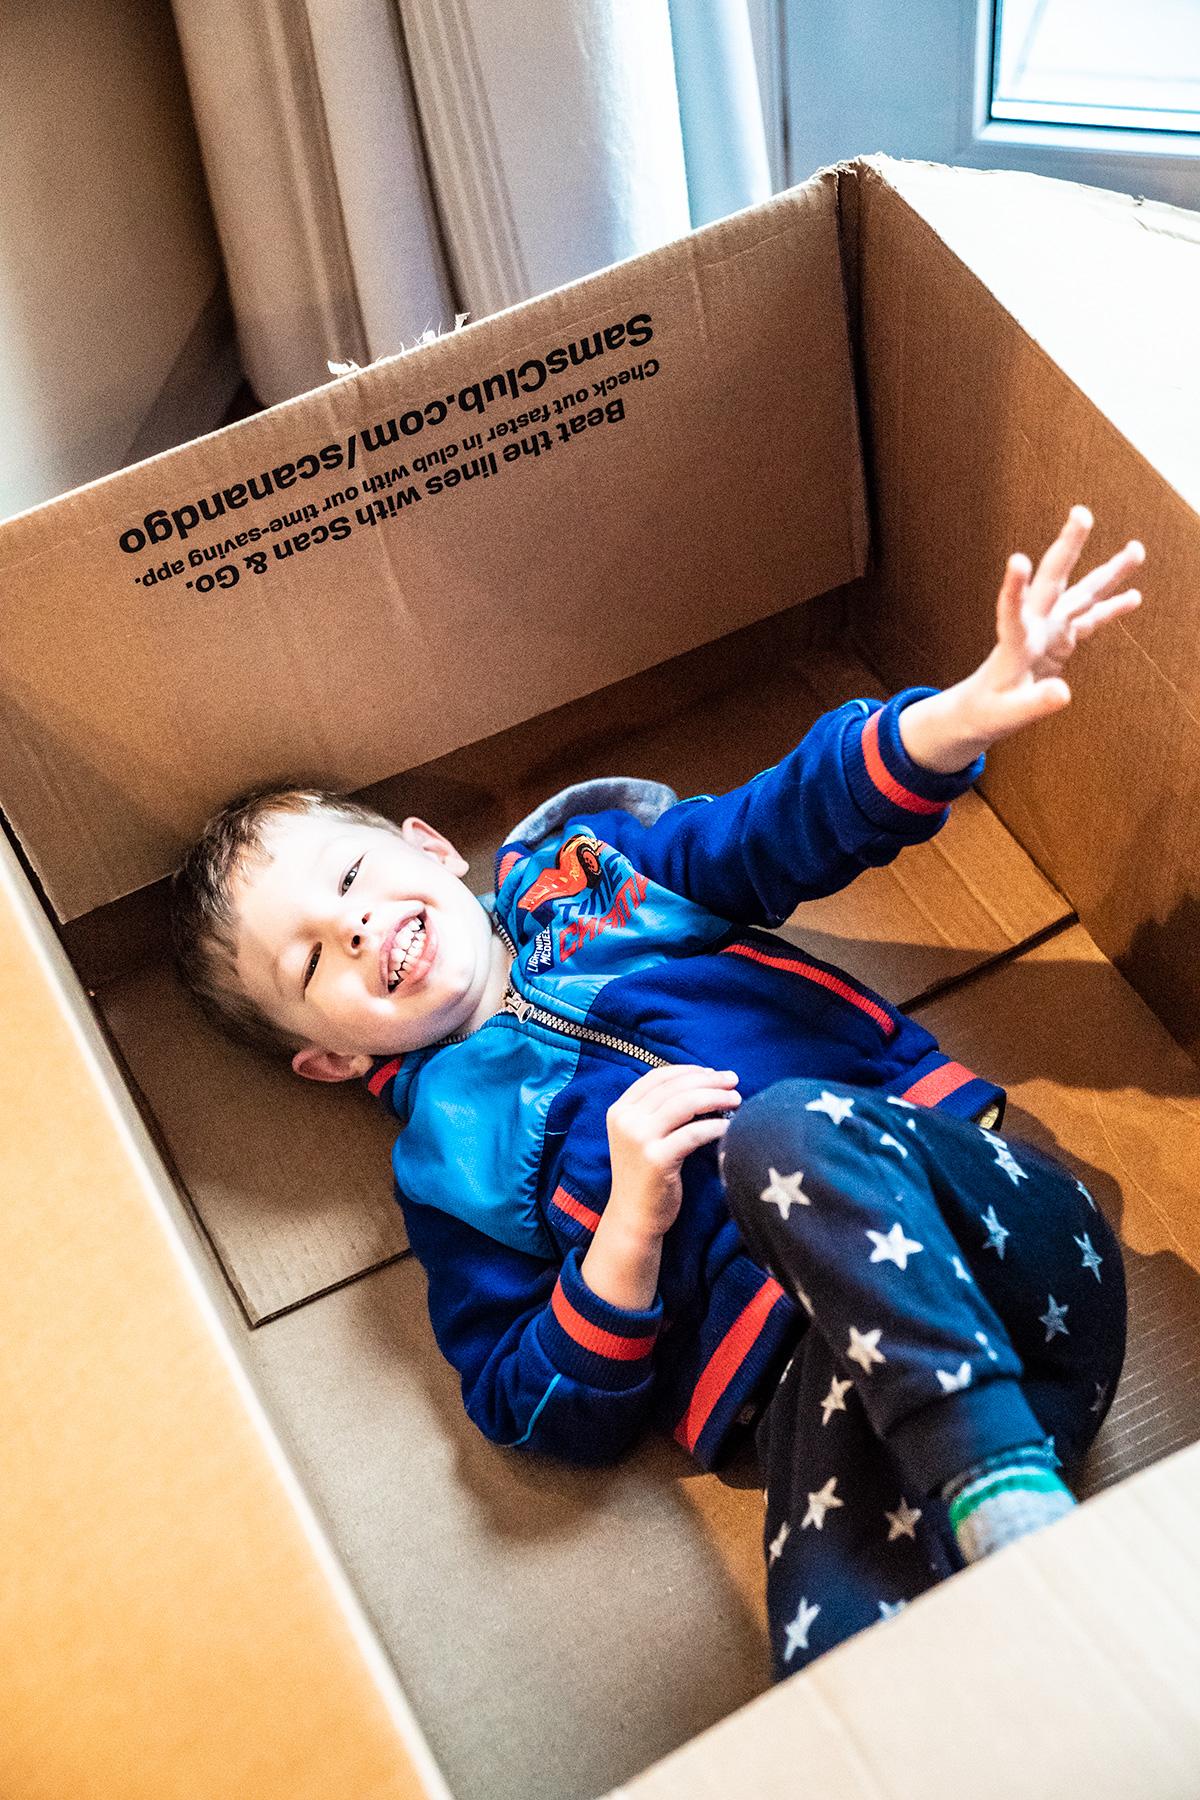 Tru-in-a-box